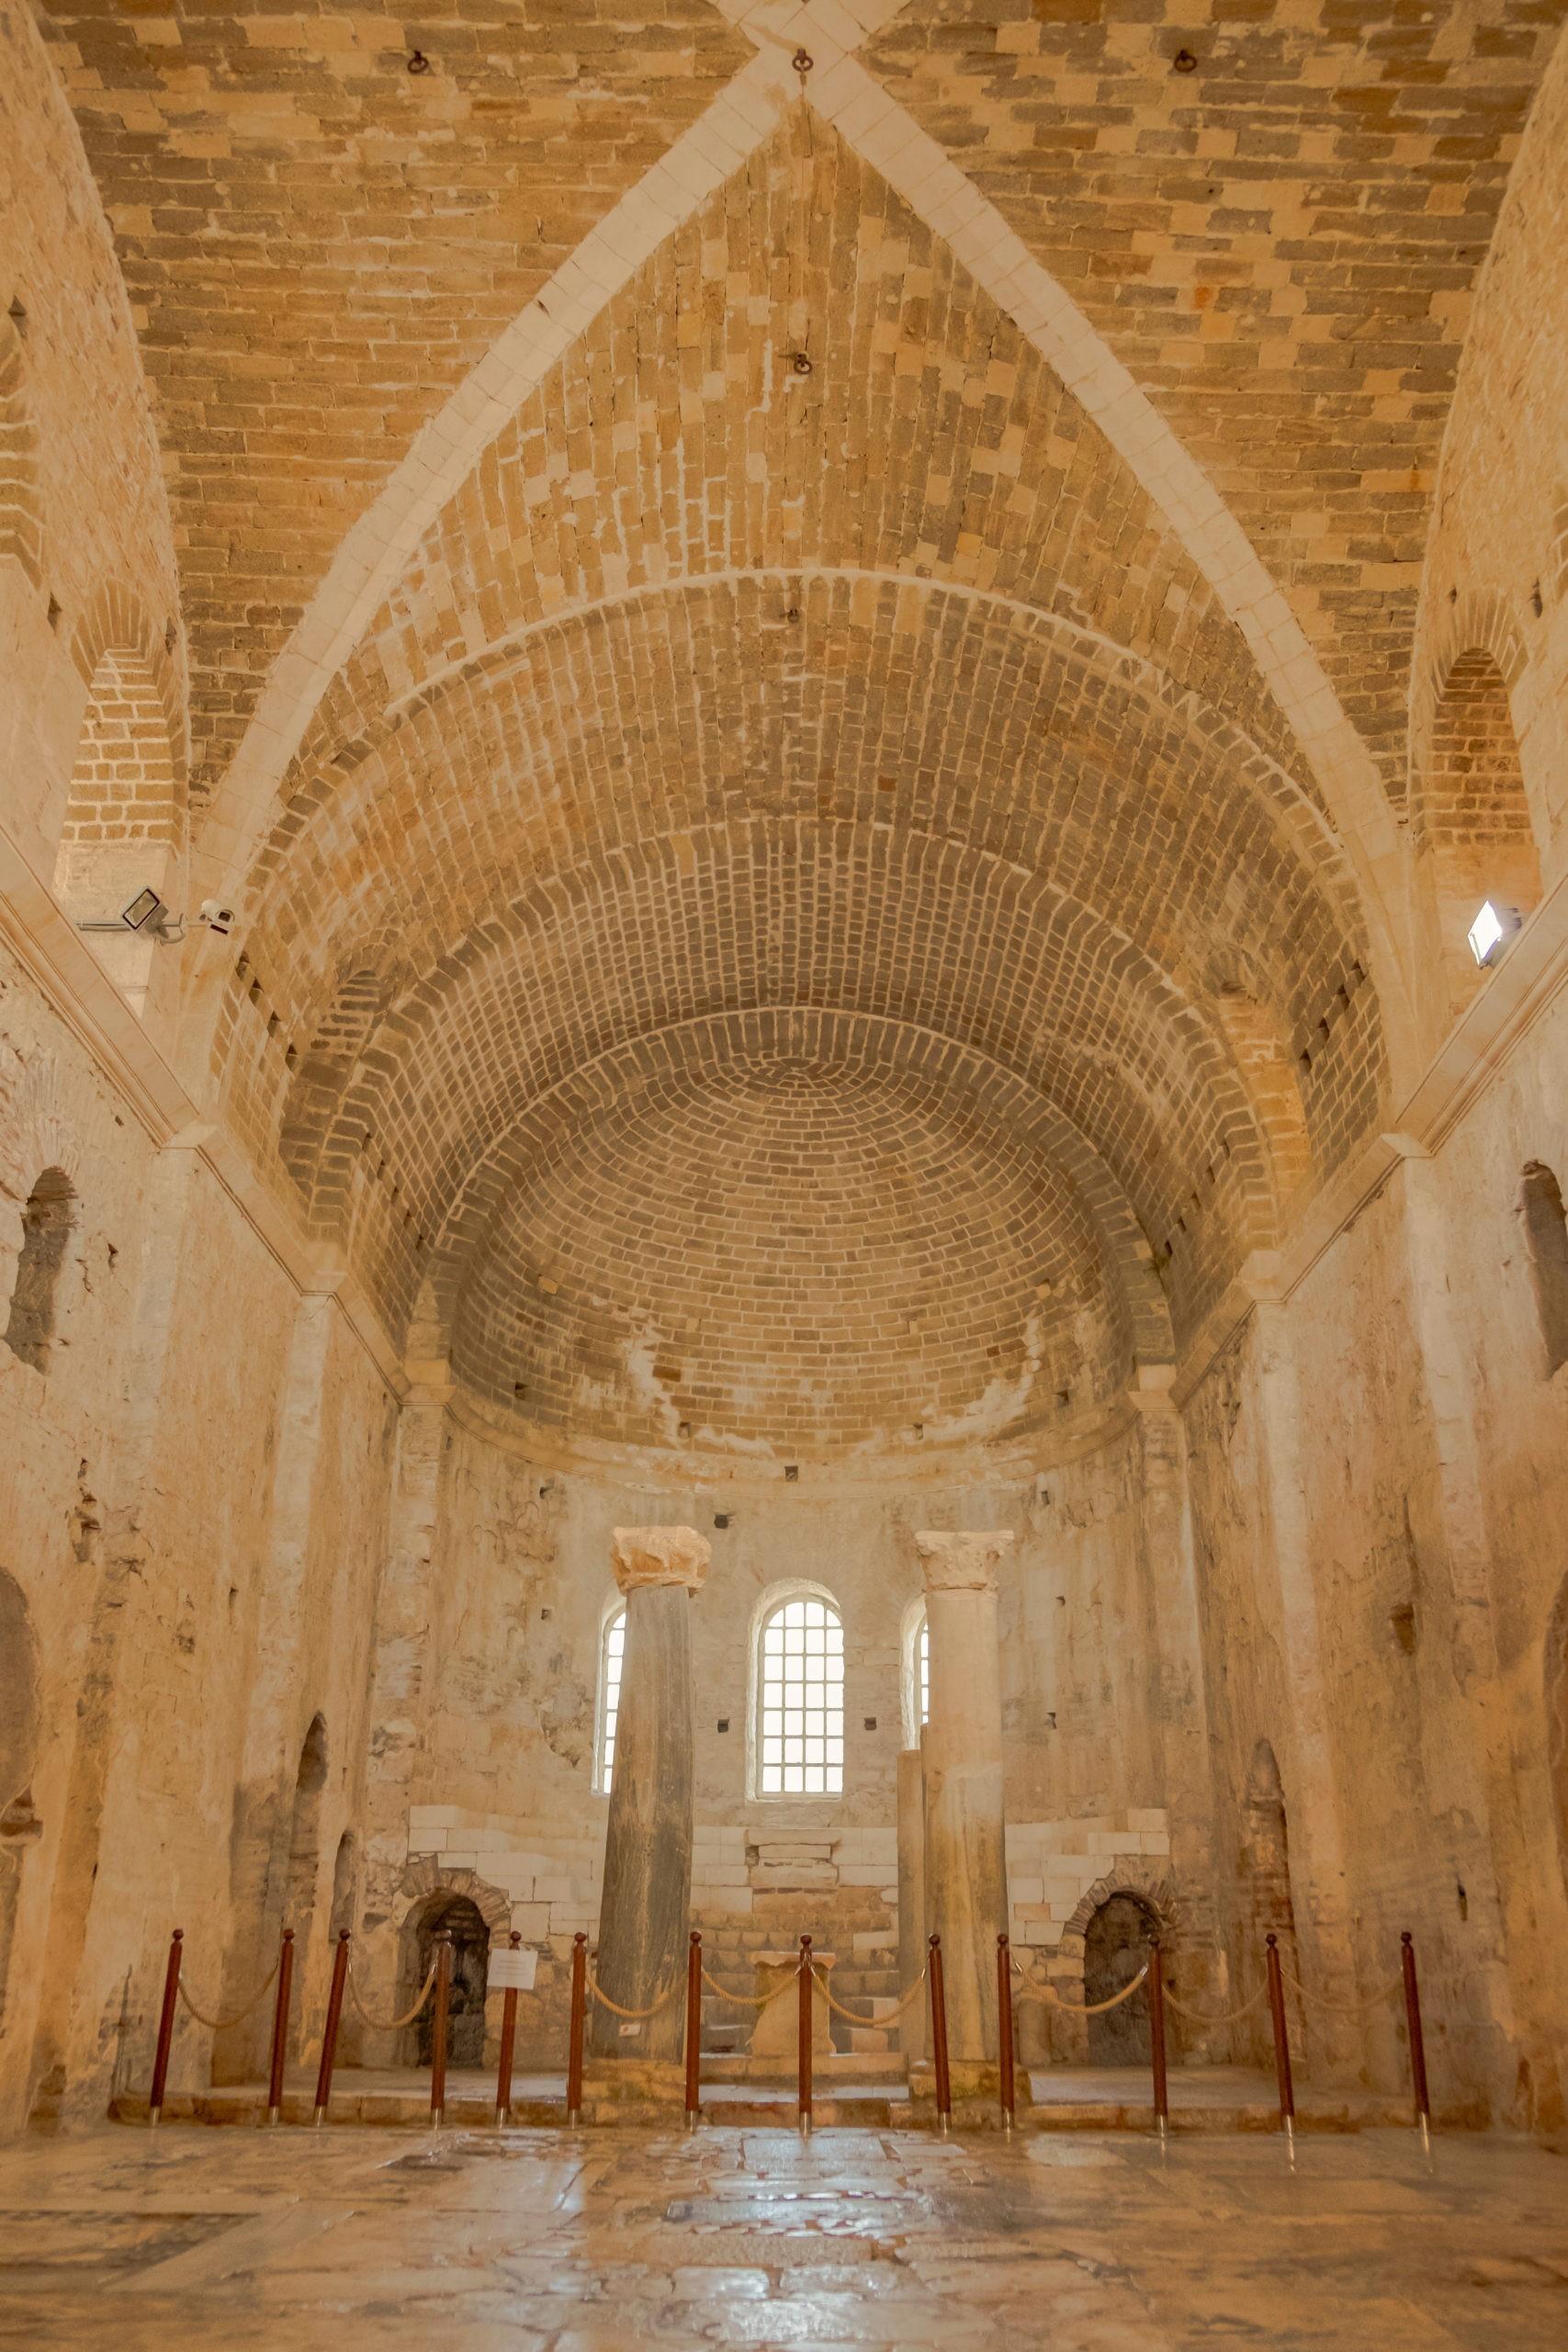 Saint Nicholas (Santa Claus) Church in Demre Myra